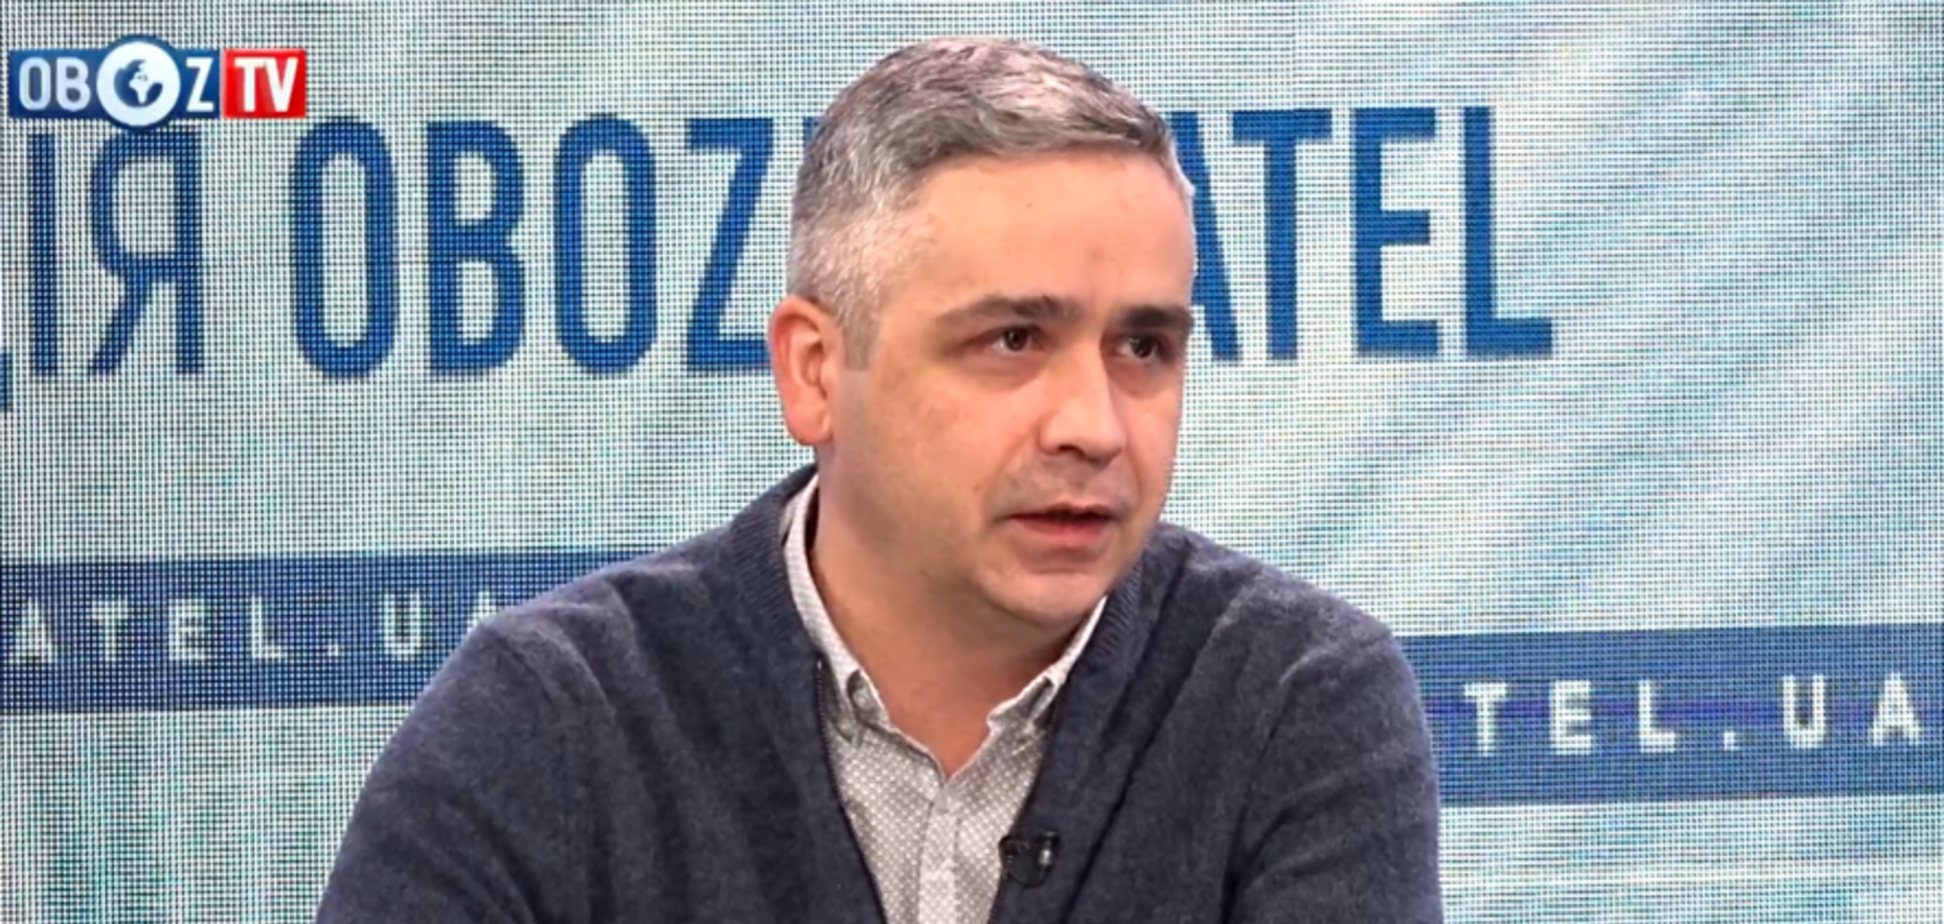 Профиль в соцсети: эксперт назвал цену, за сколько покупают украинского пользователя